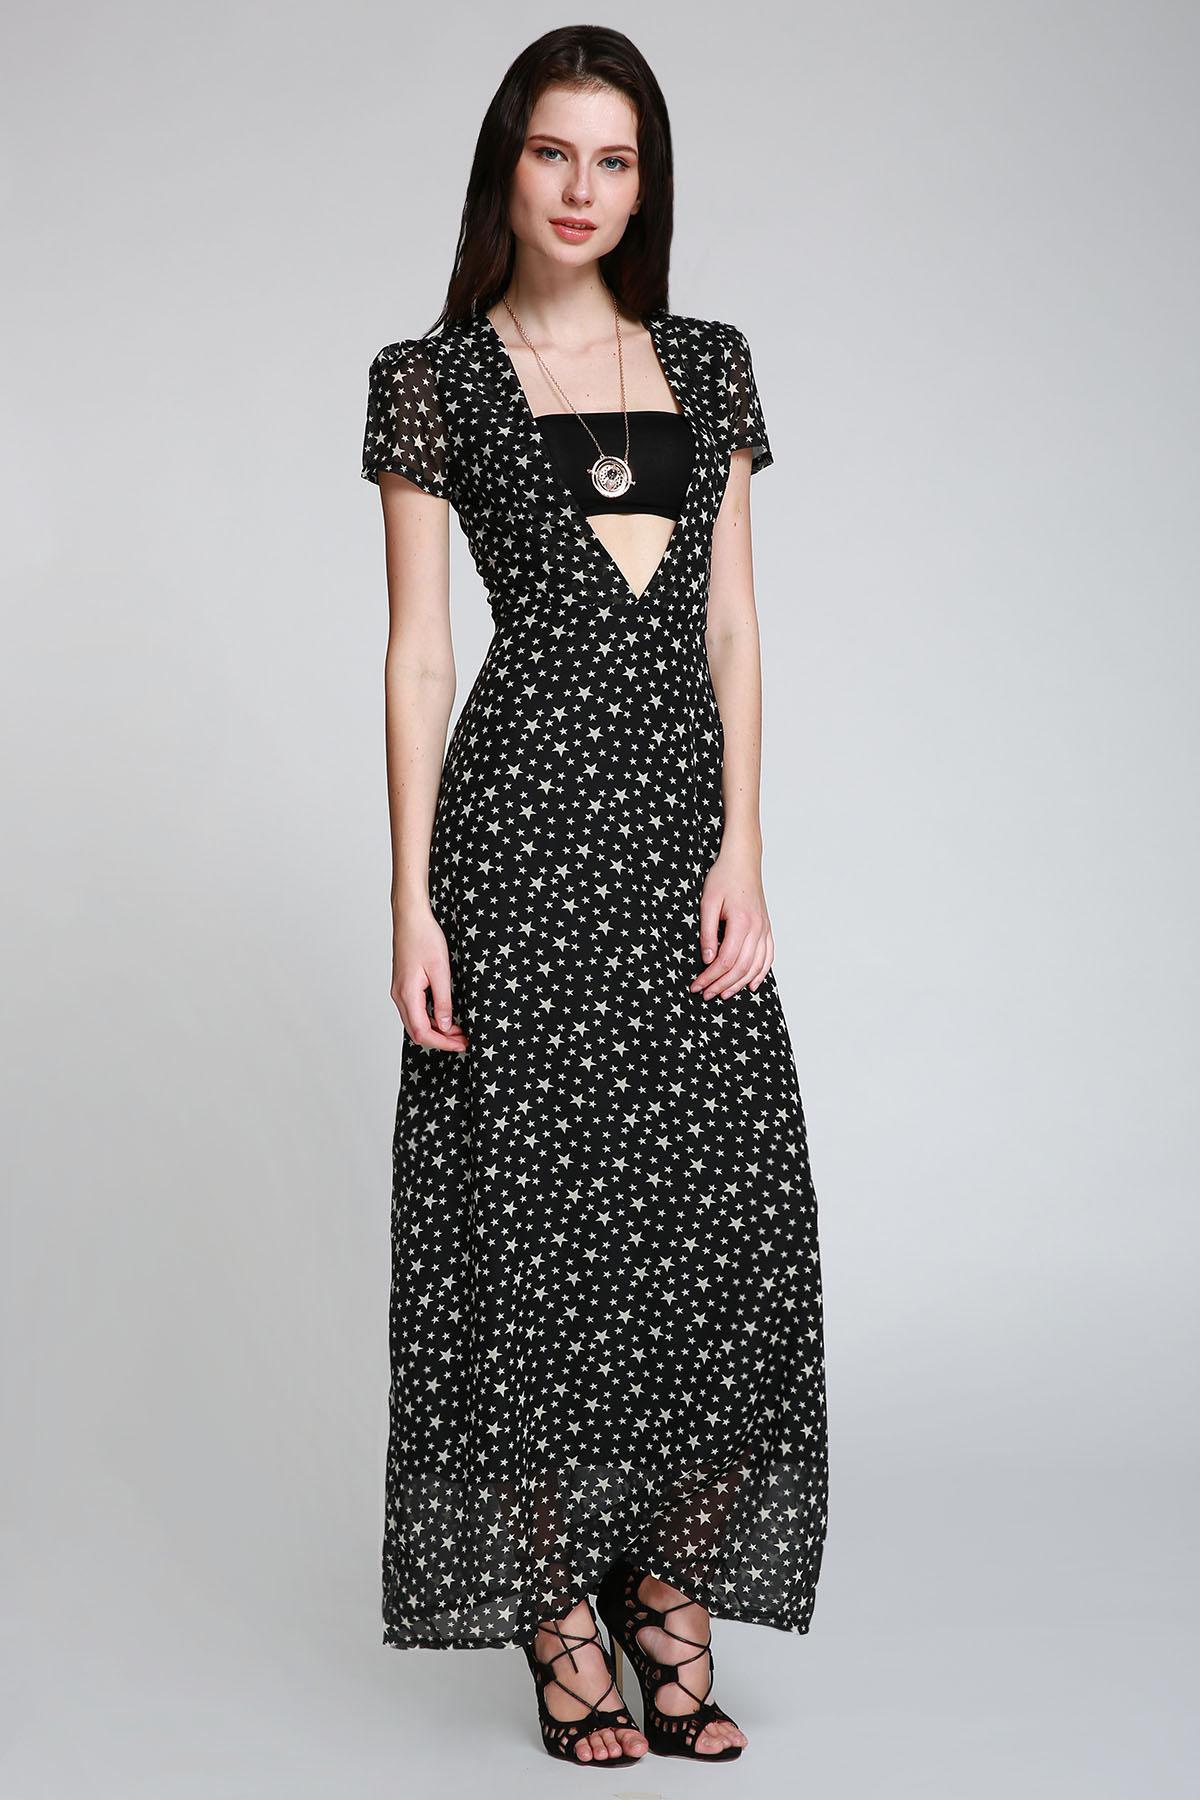 Full Star Print Maxi Plunge Dress